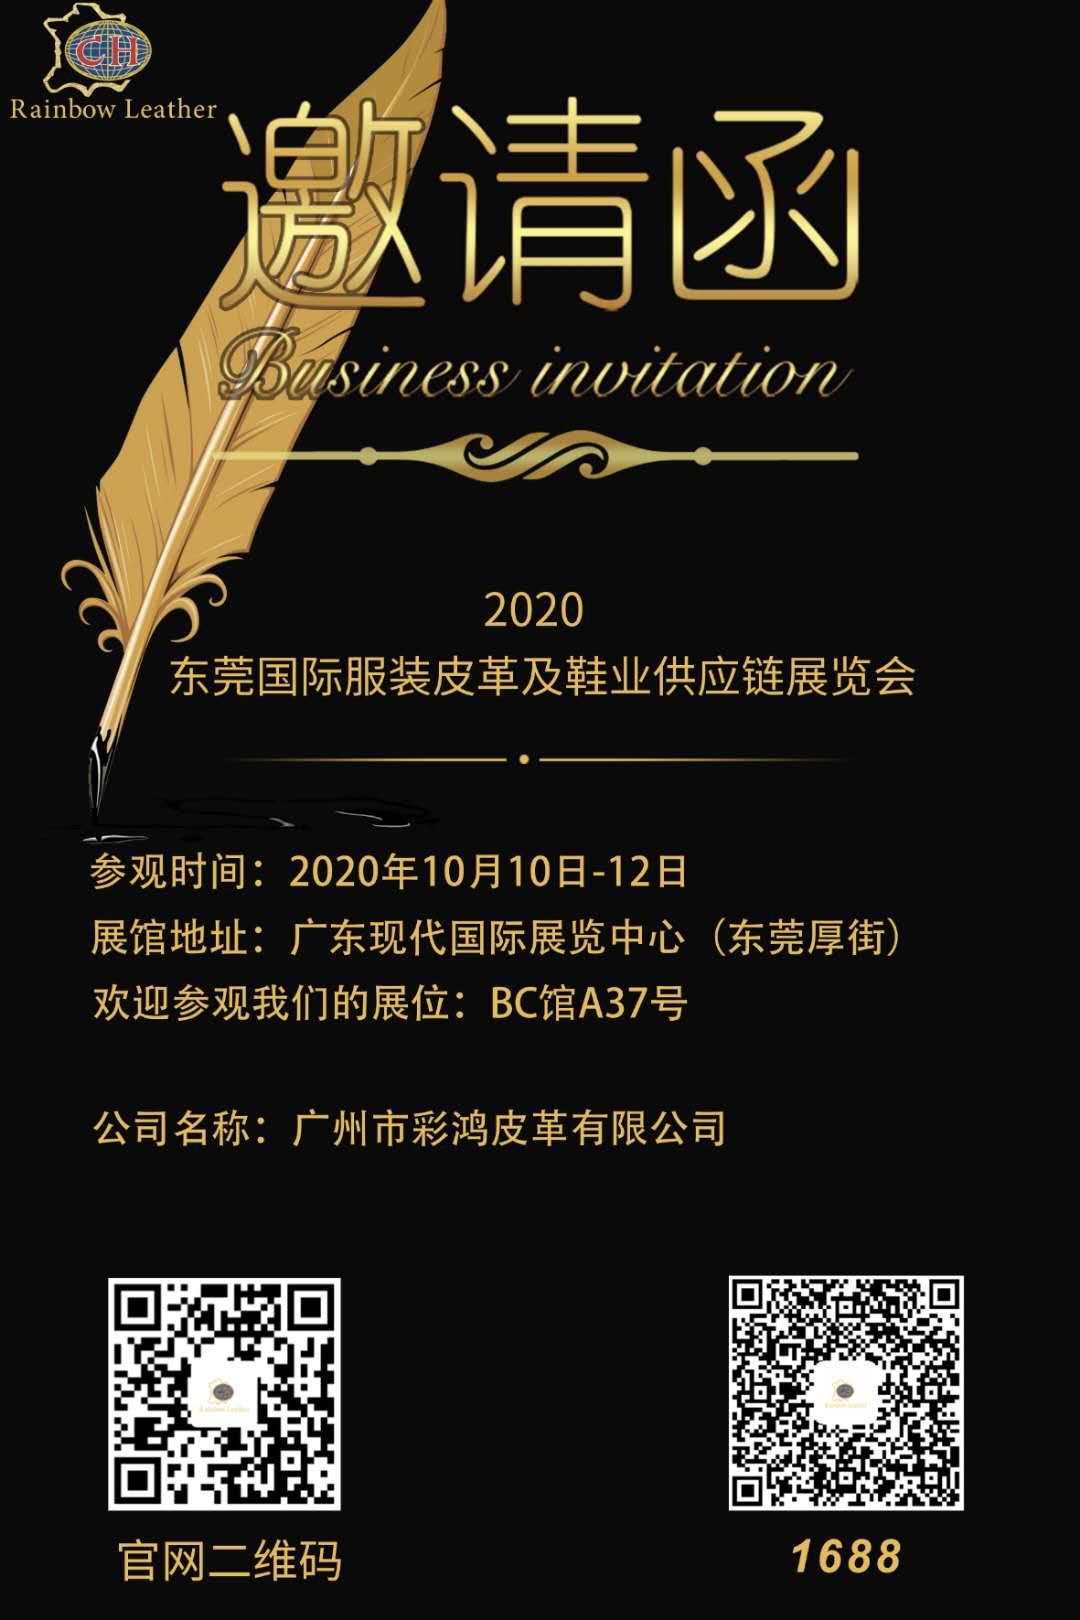 【2020年东莞国贸服装皮革及鞋业供应链展览会】